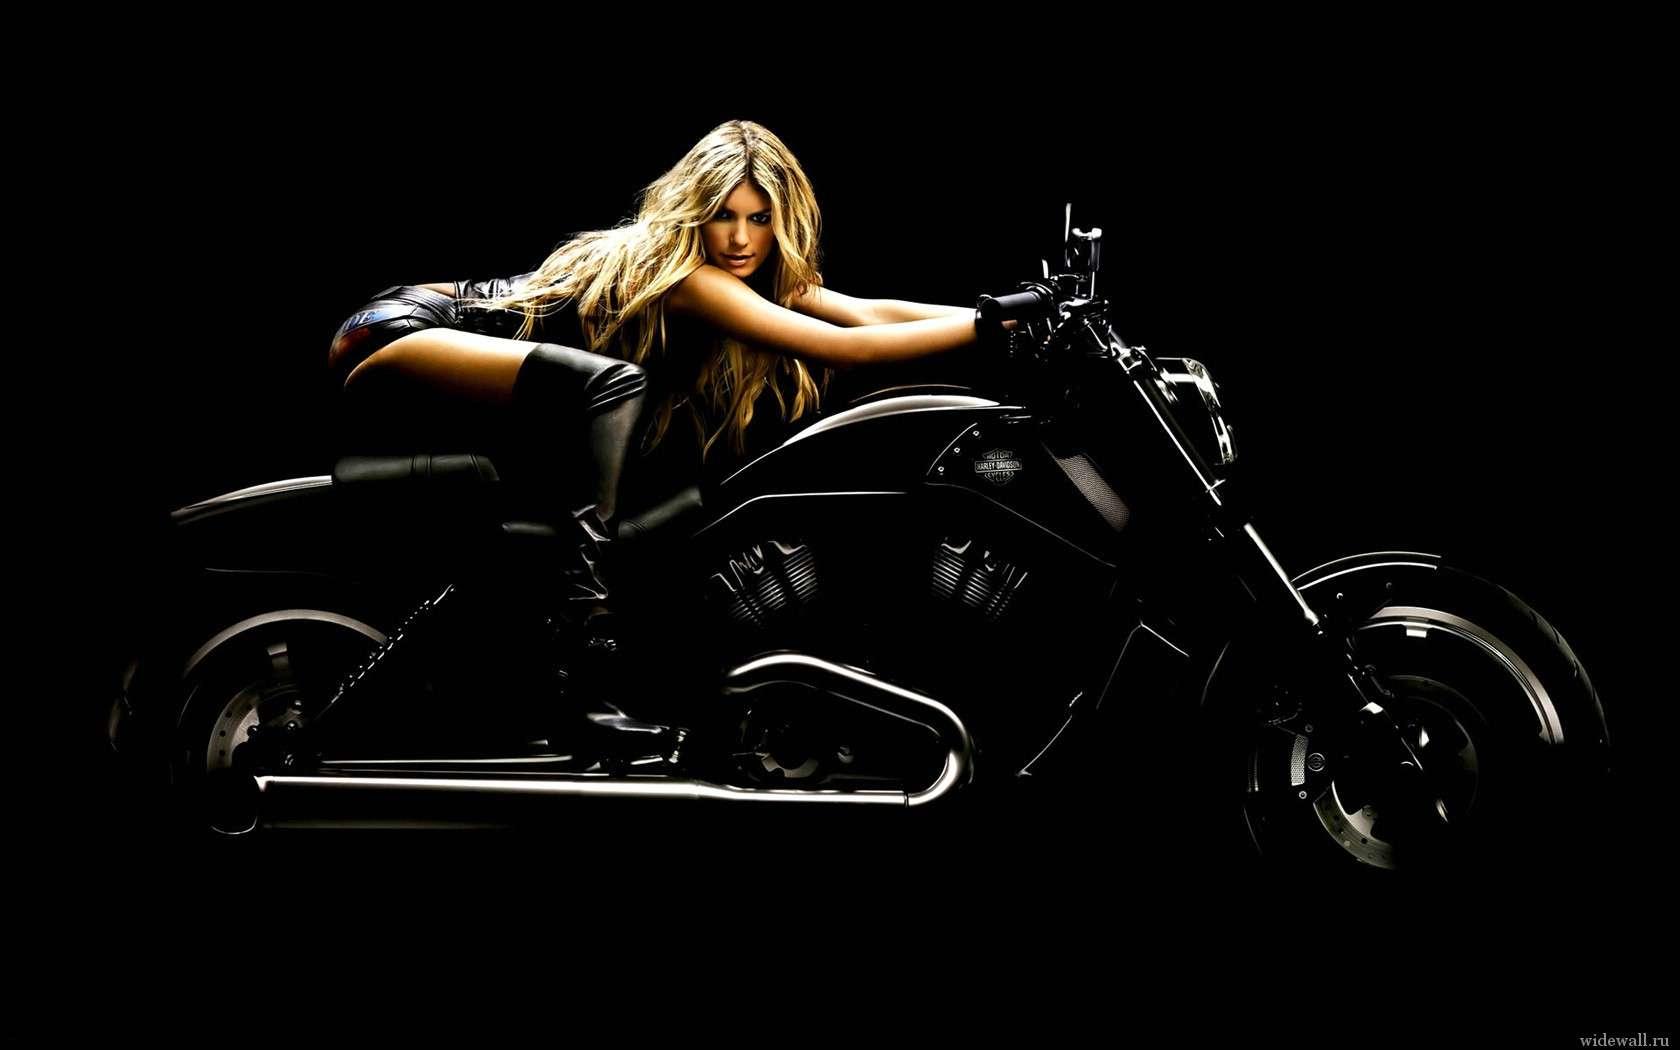 34289559f0dac8b9b16ef00f3b48e5cc - Сексуальные девушки и мотоциклы (часть 2)